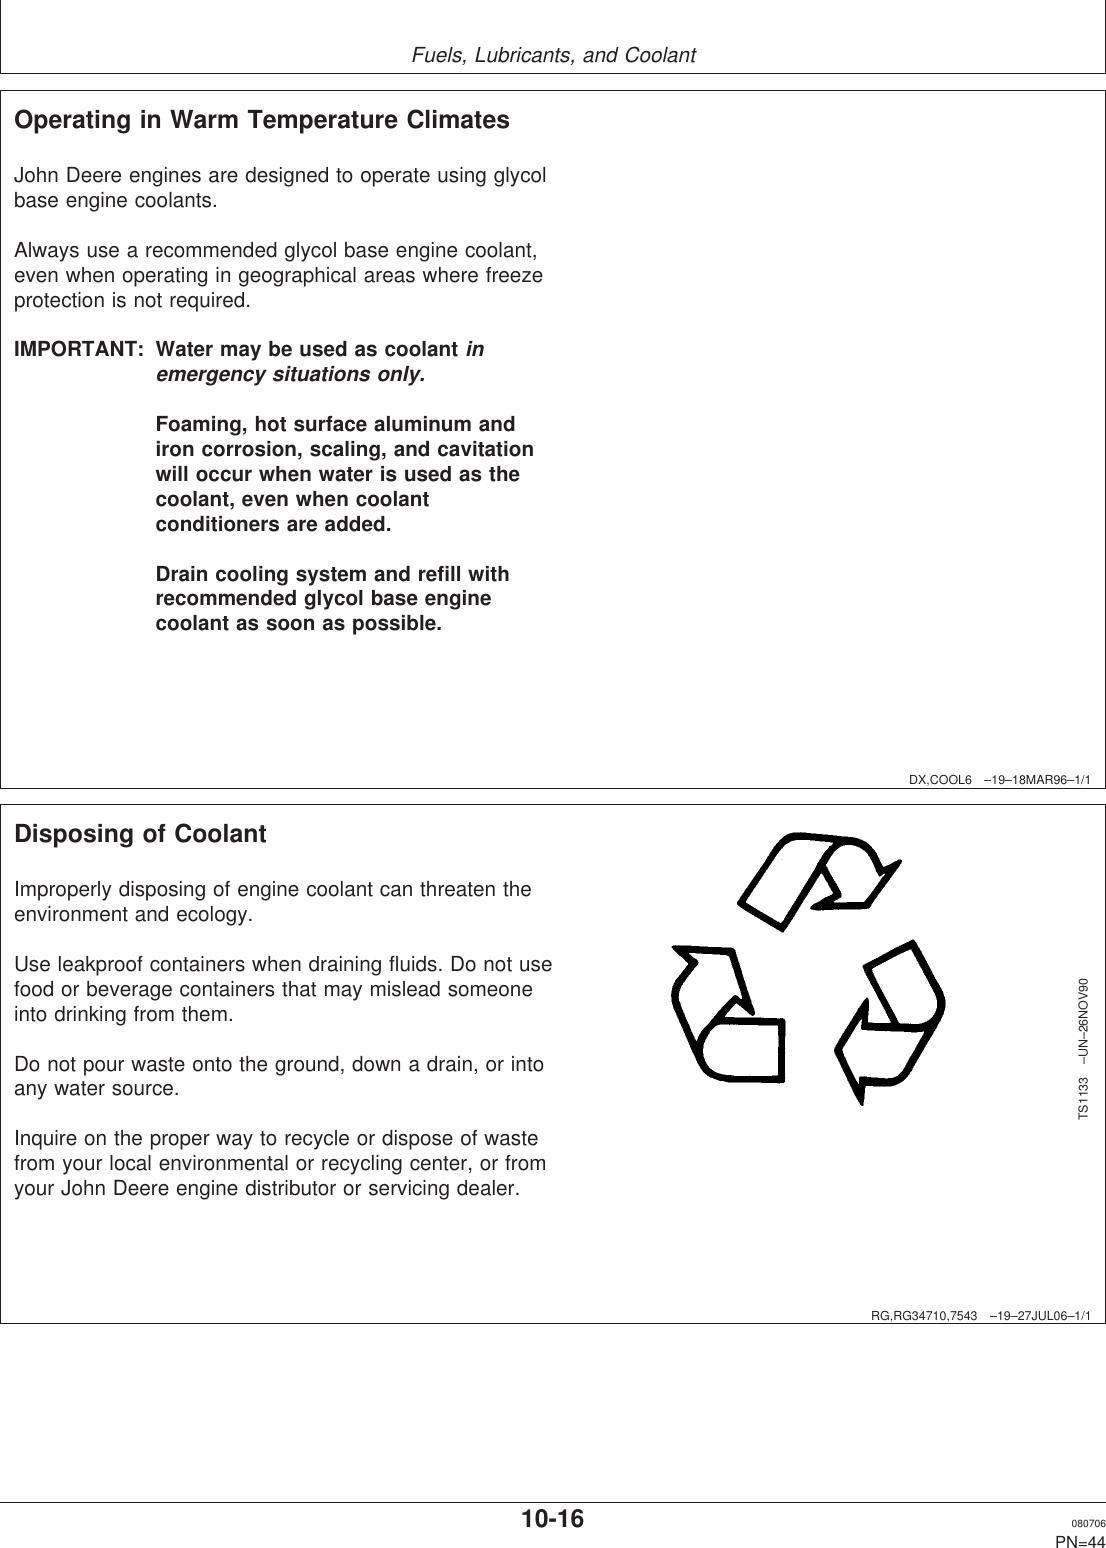 John Deere Powertech 6068 Users Manual 100525UNIT on